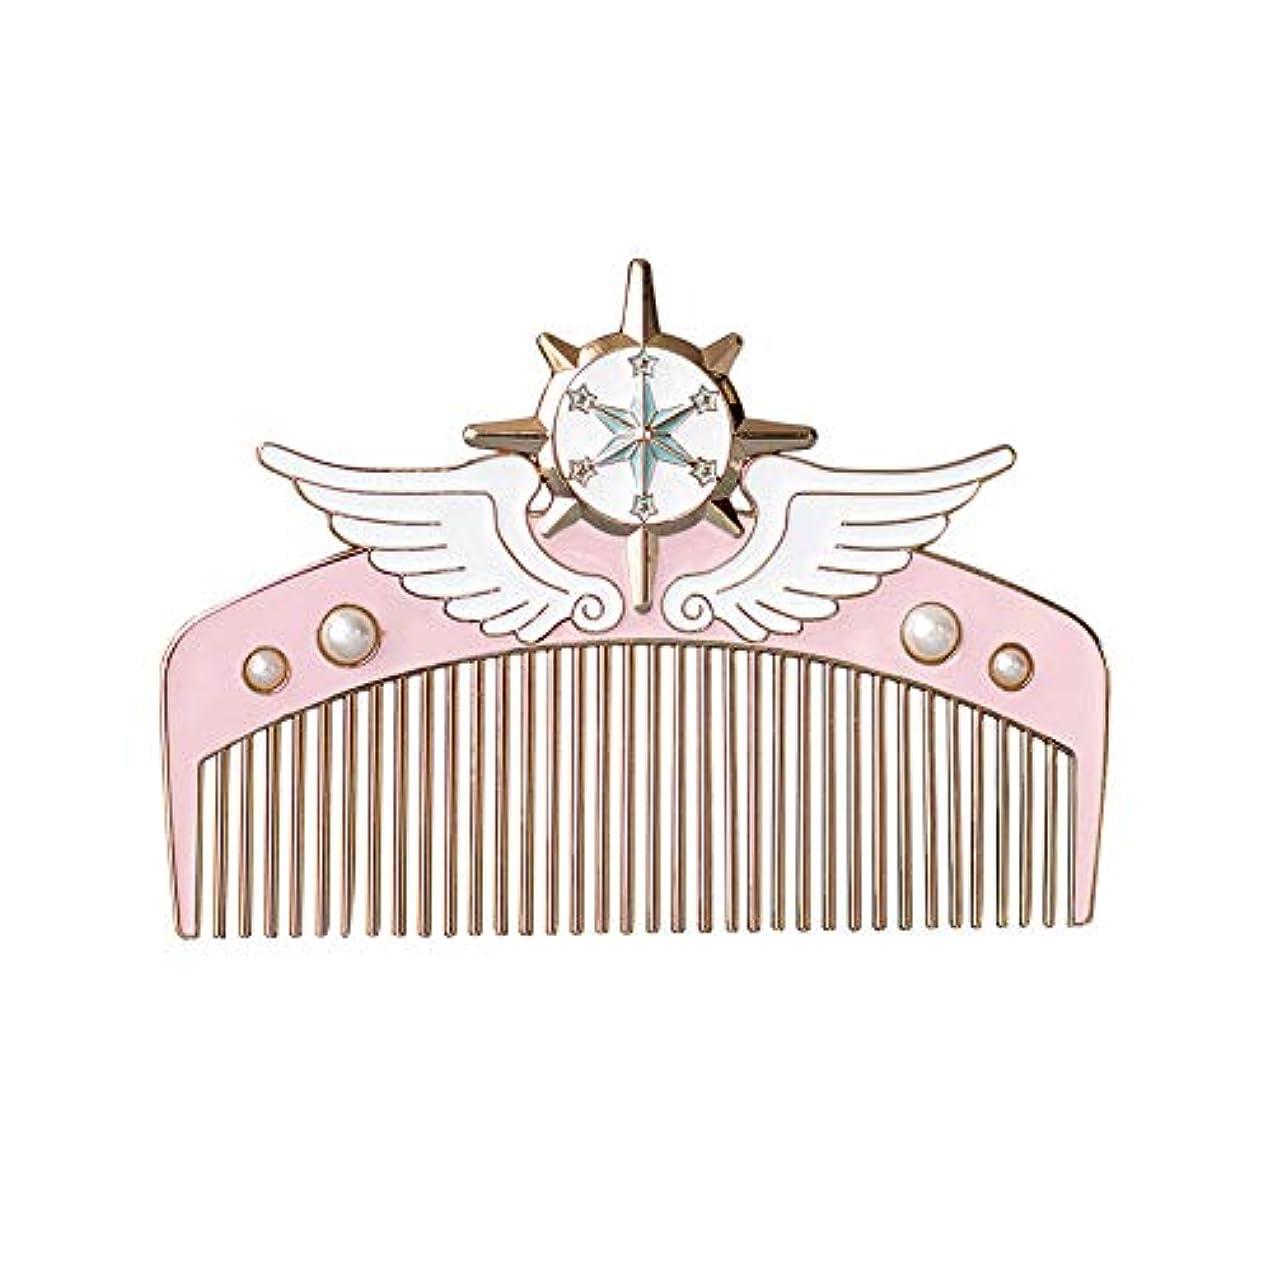 レキシコン辞書ハイブリッドライフ小屋 櫛 ヘアブラシ カードキャプターさくら セーラームーン 可愛い ピンク 細歯 夢の杖櫛 半月形 ヘアブラシ 子供の髪 贈り物 プレゼント